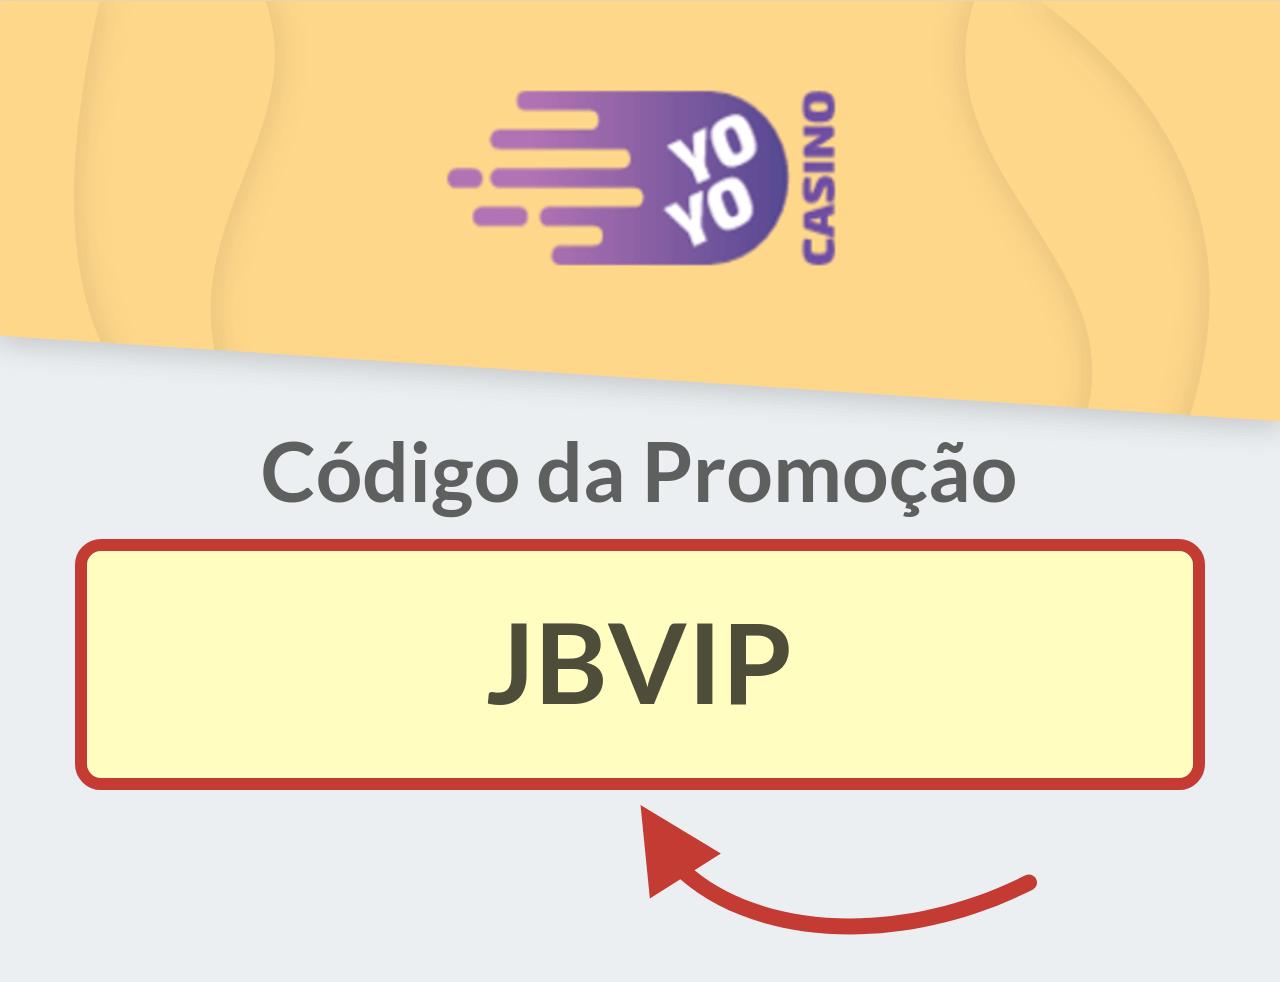 Código de Promoção Yoyo Casino